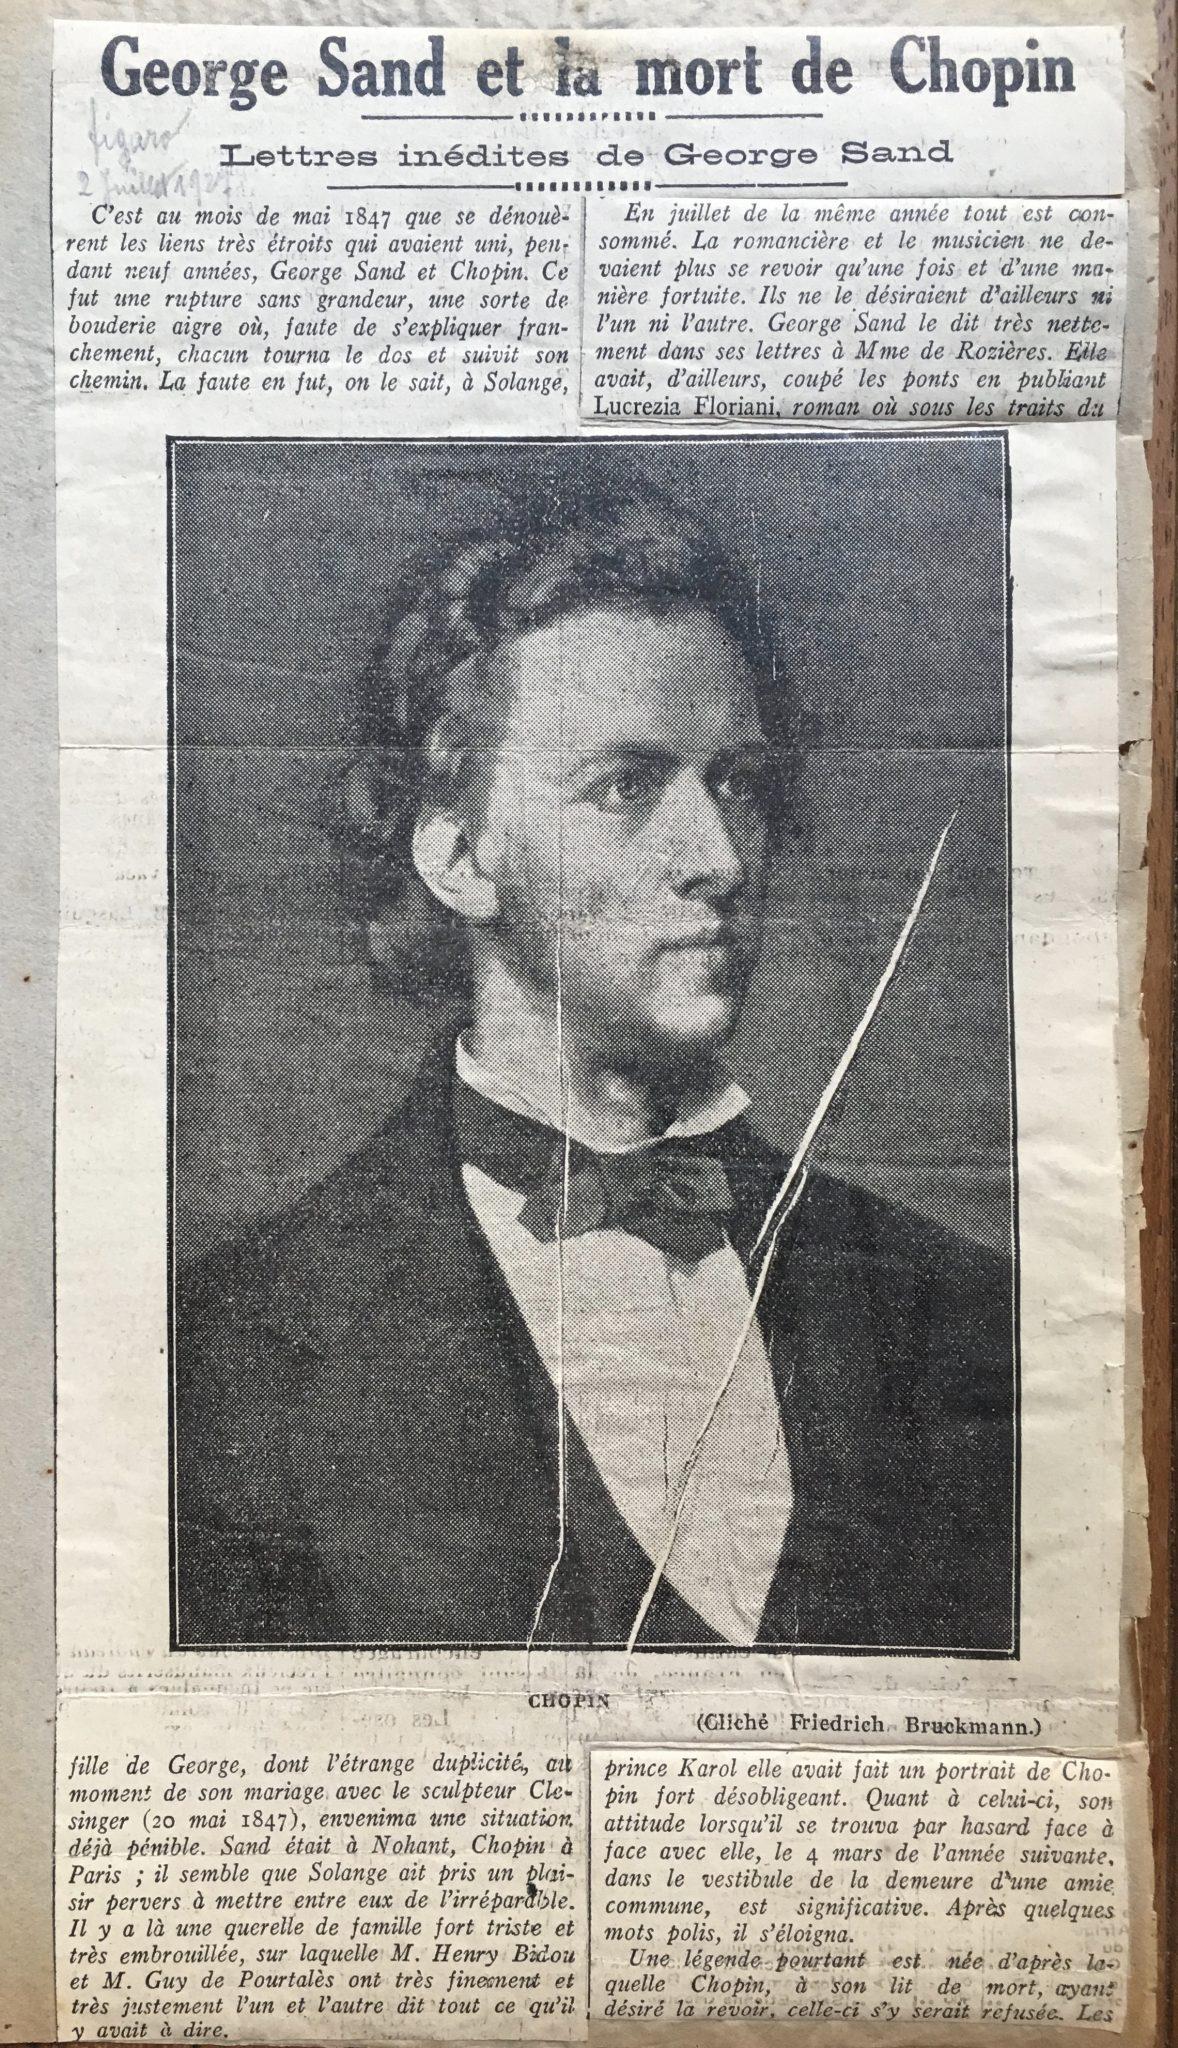 George Sand et la mort de Chopin